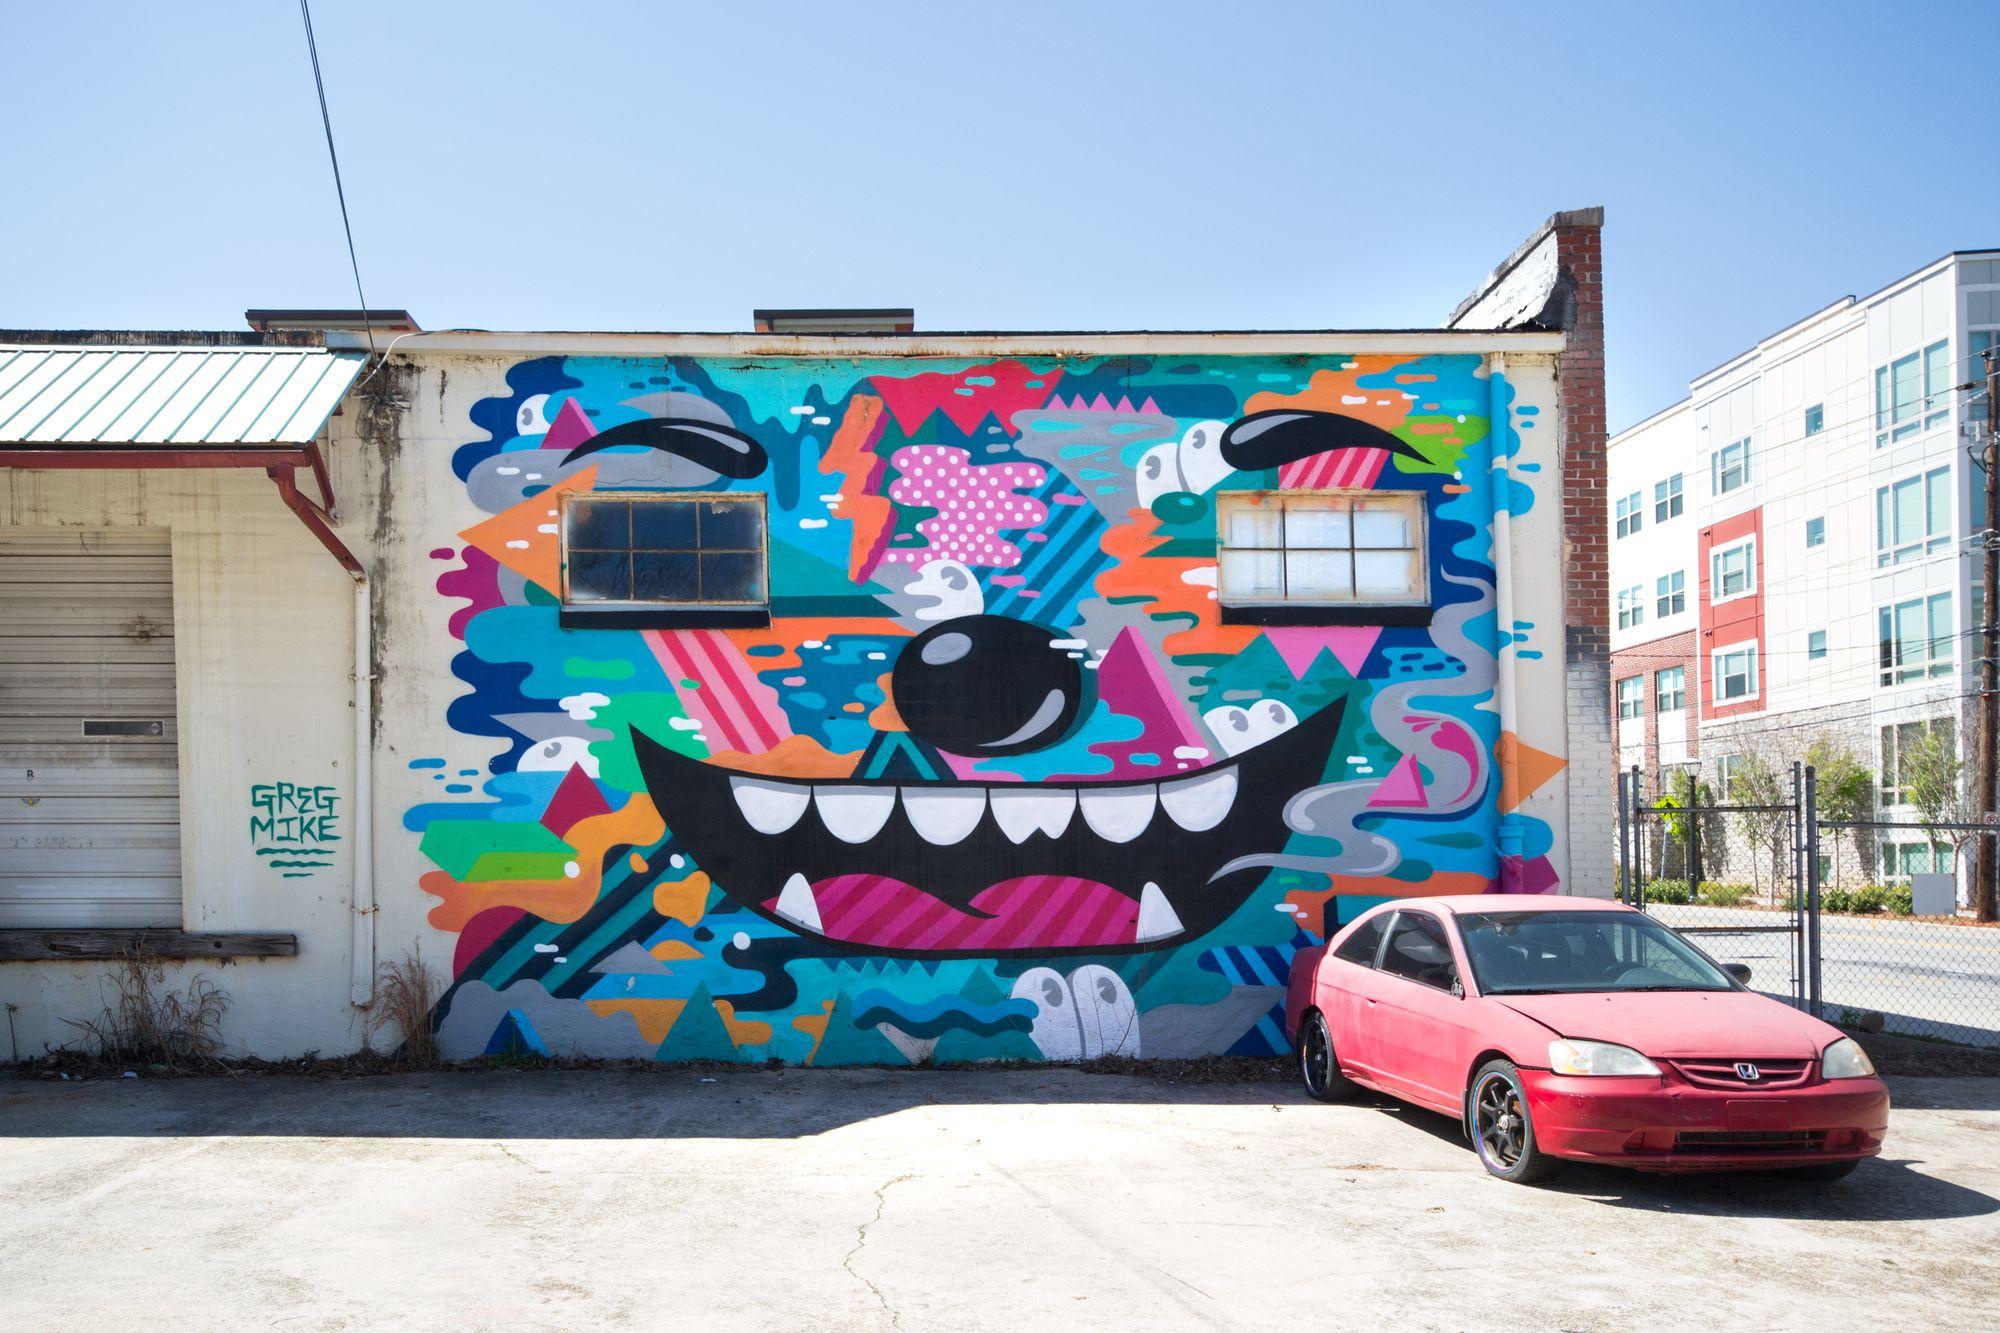 A second Greg Mike mural near Krog Street Market.